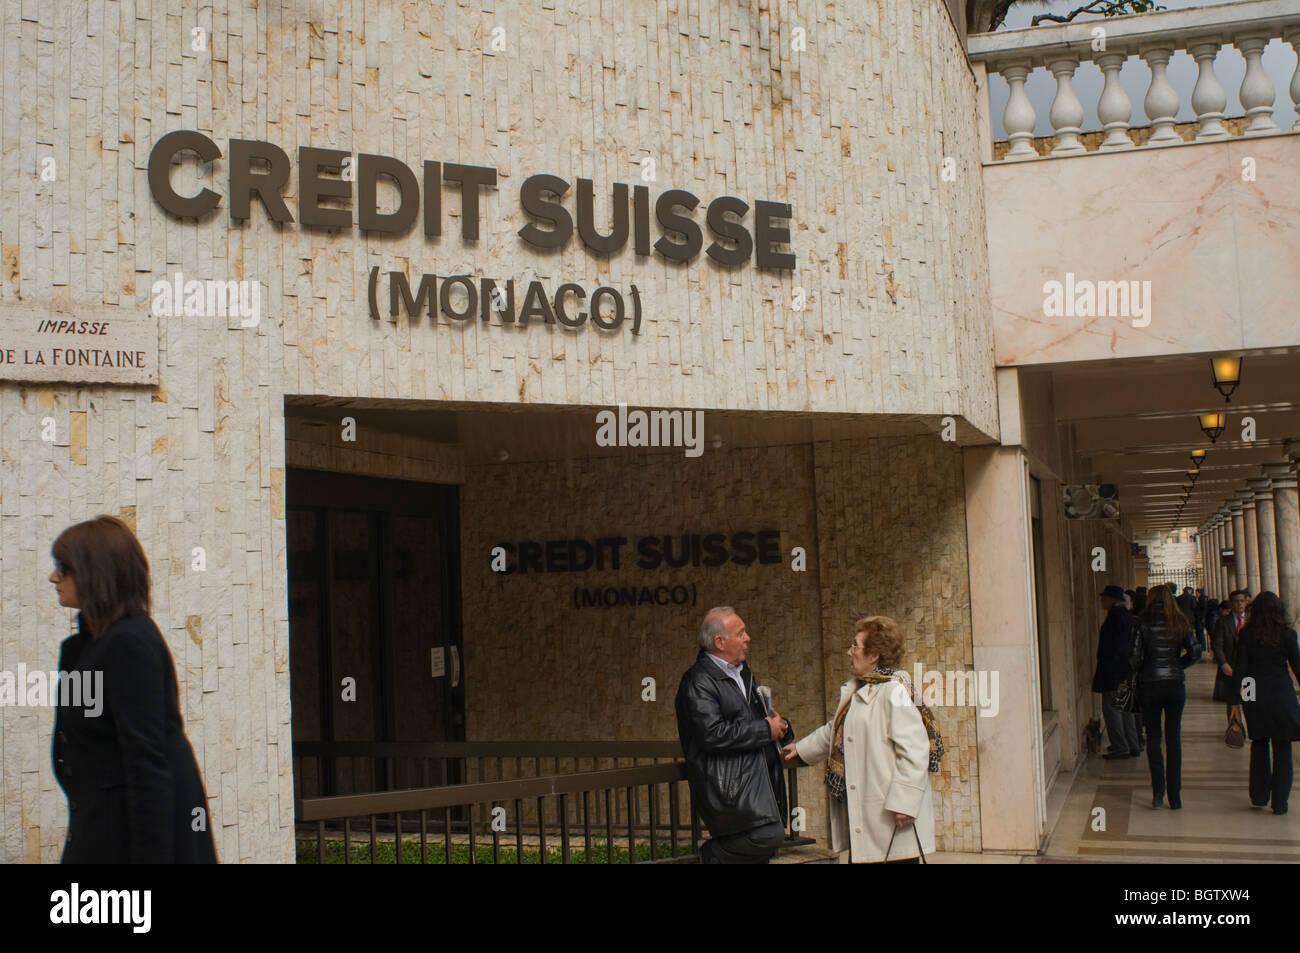 Monaco convention bureau int meeting france convention bureau